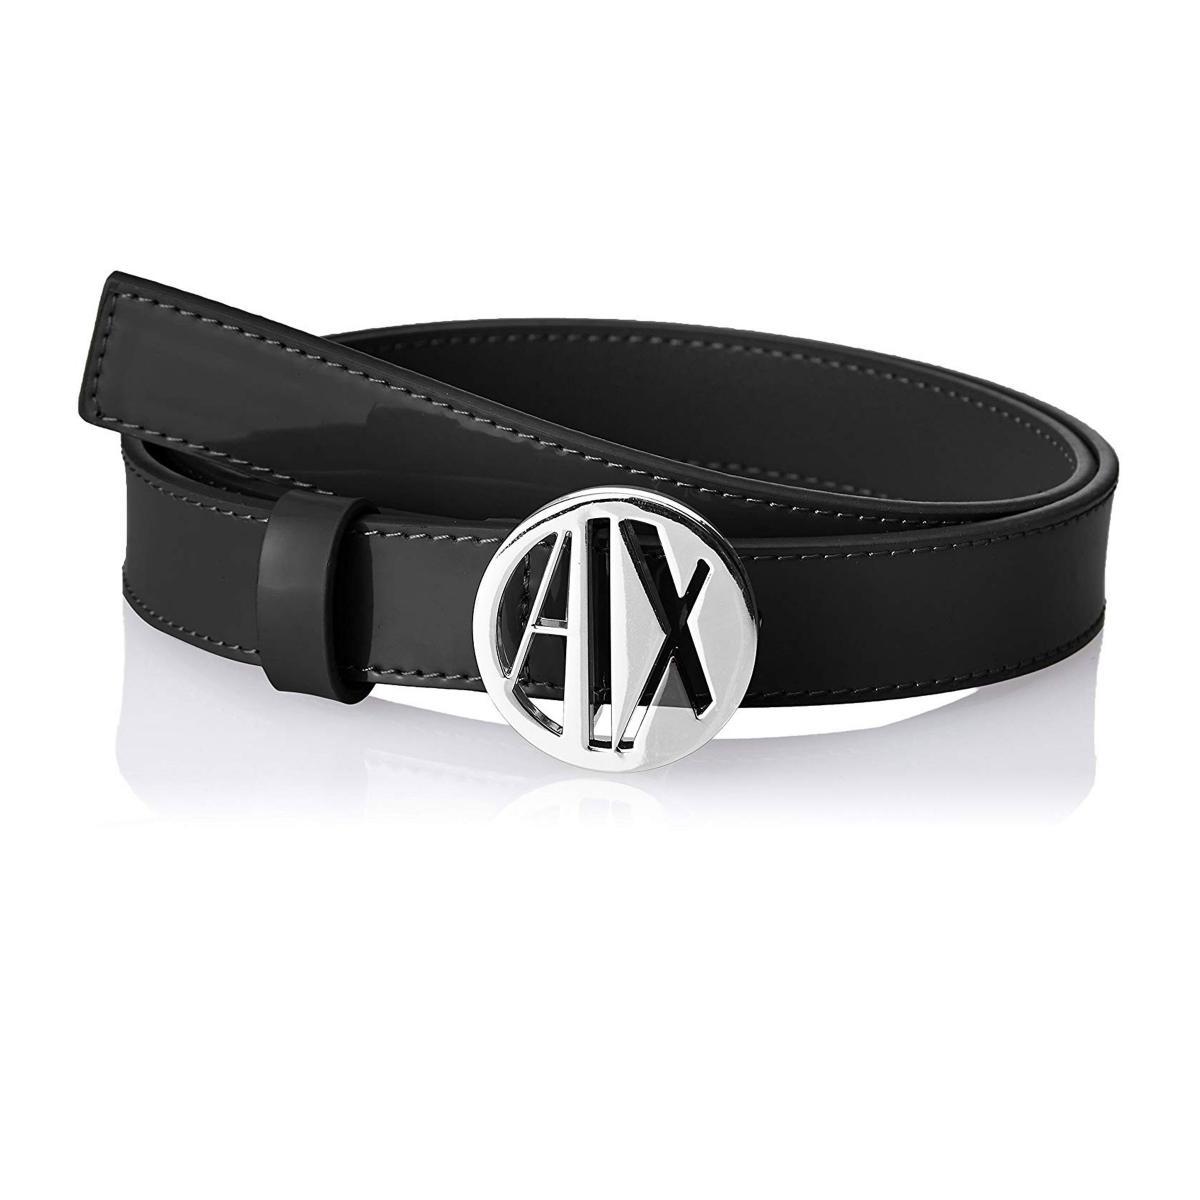 Cintura Armani Exchange in vernice con logo circolare da donna rif. 941038 CC713